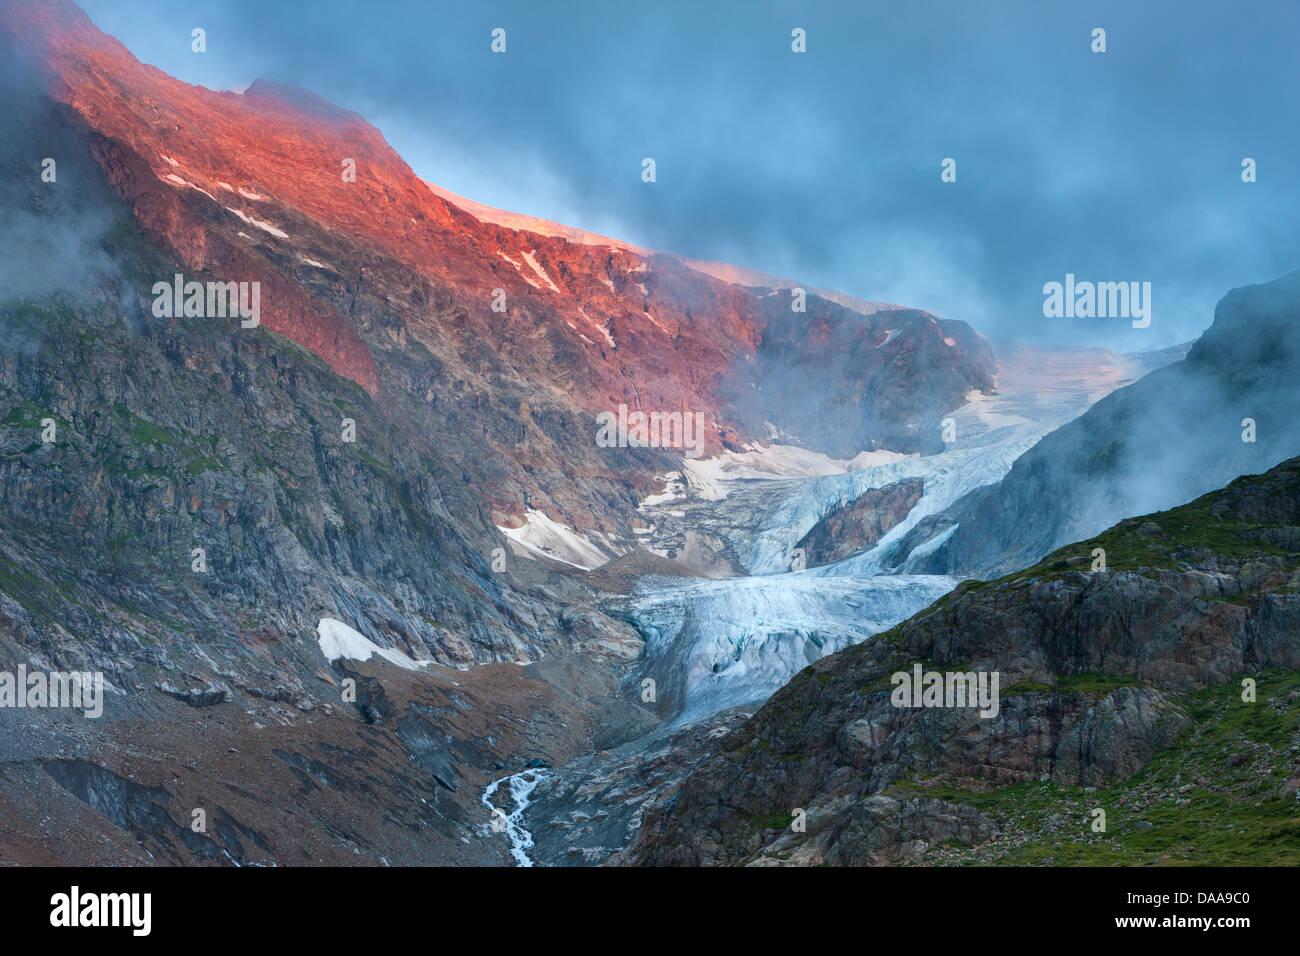 Glaciar Piedras, Suiza, Europa, cantón de Berna, en el Oberland Bernés Gadmental, glaciar, hielo, roca, Imagen De Stock